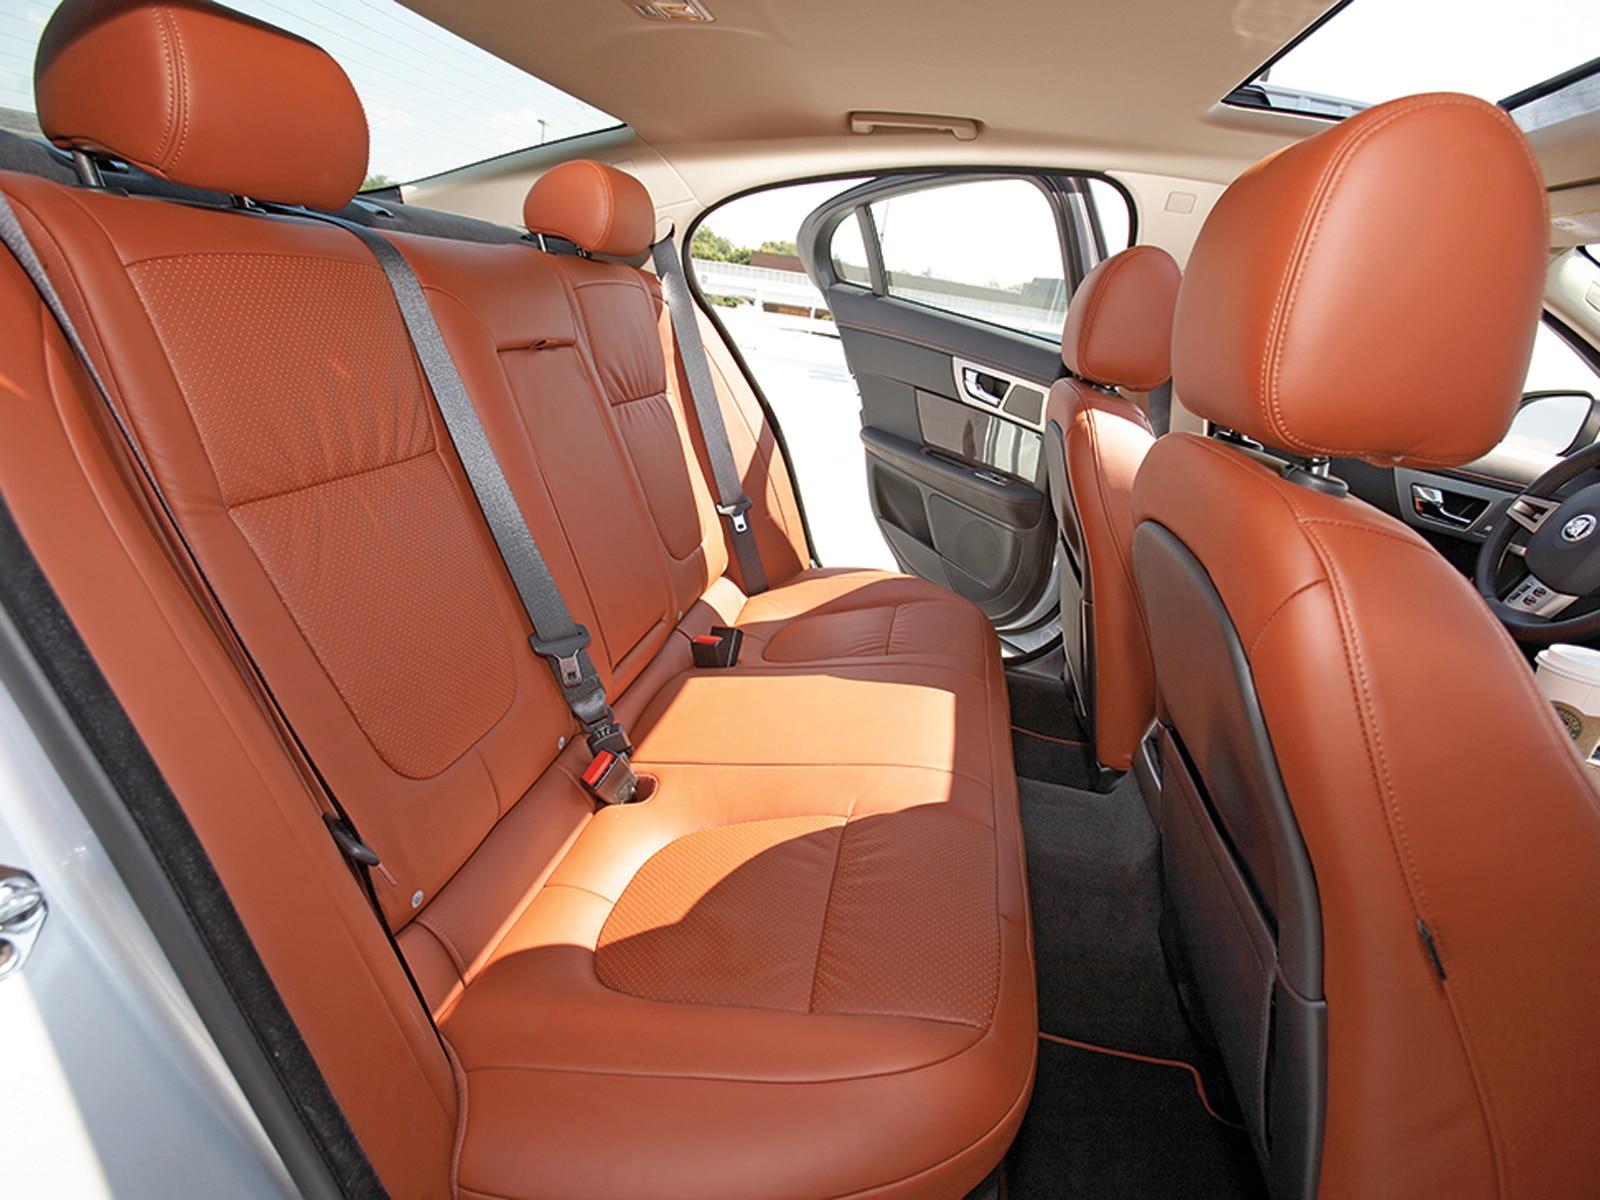 2009 Jaguar Xf Supercharged Long Term Wrap Up Review Automobile Fuse Box